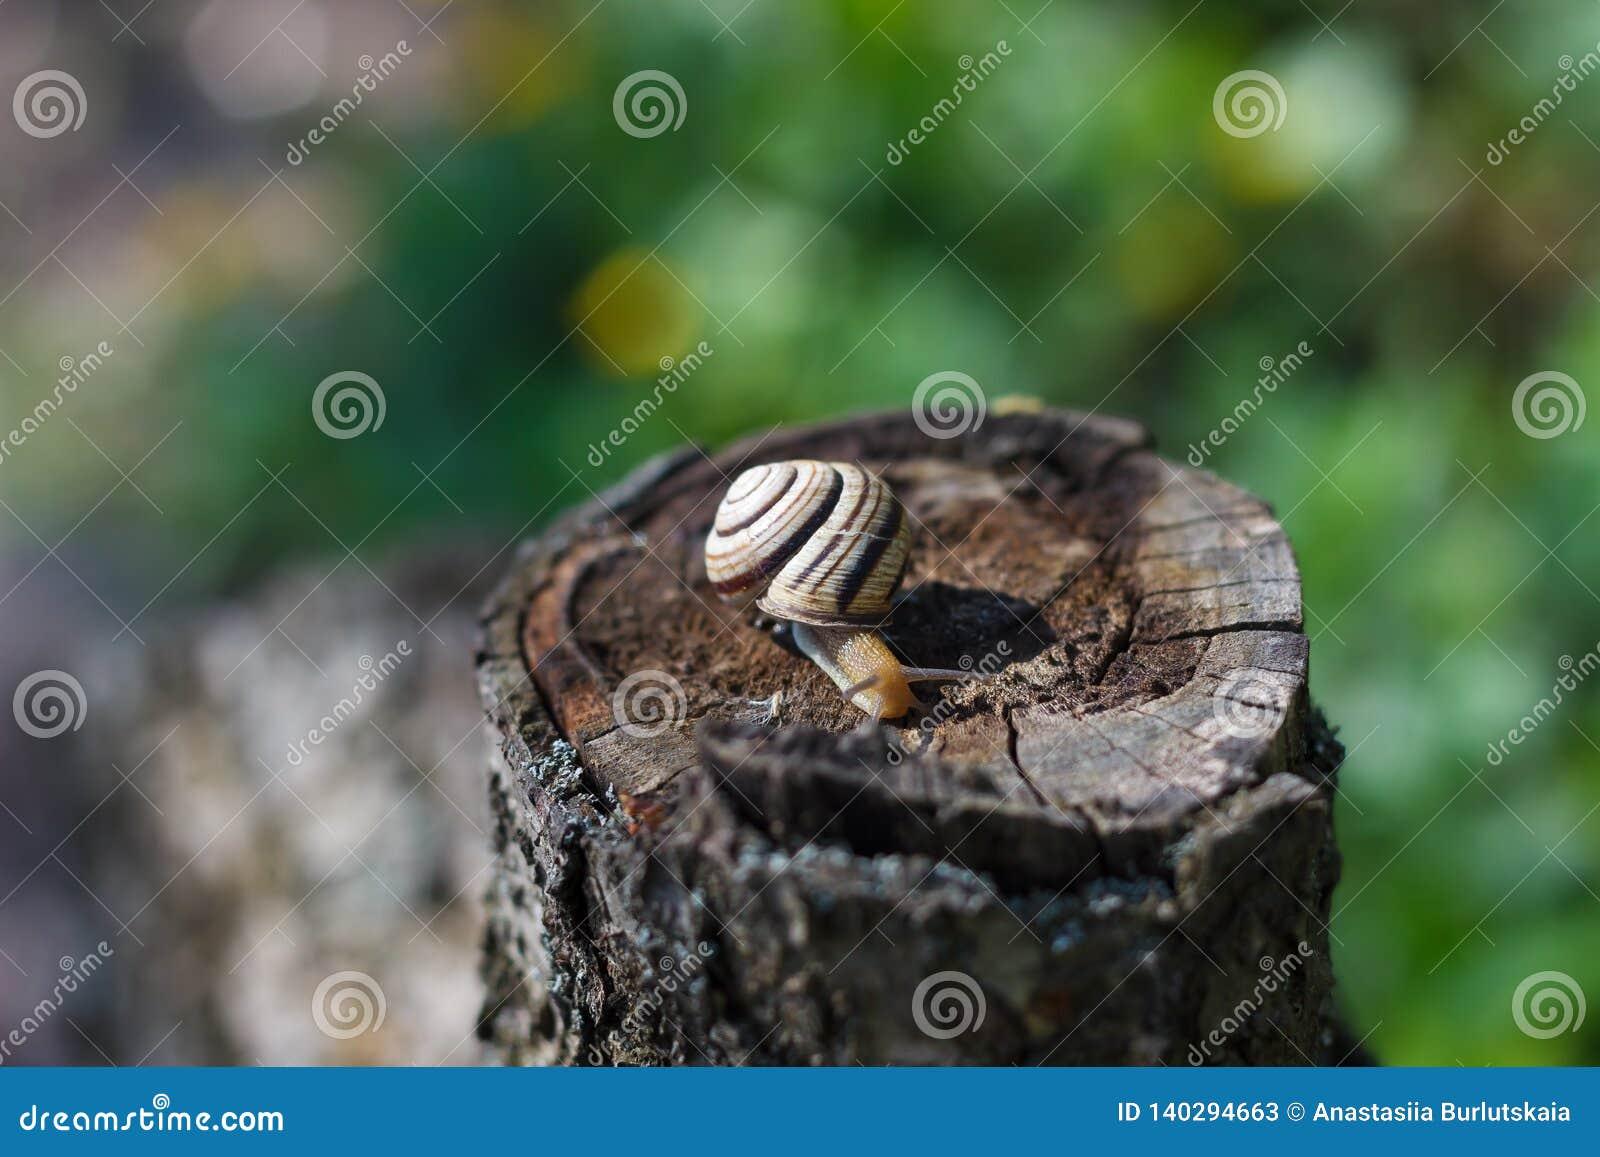 Σαλιγκάρι που σέρνεται σε ένα δέντρο ή έναν φλοιό